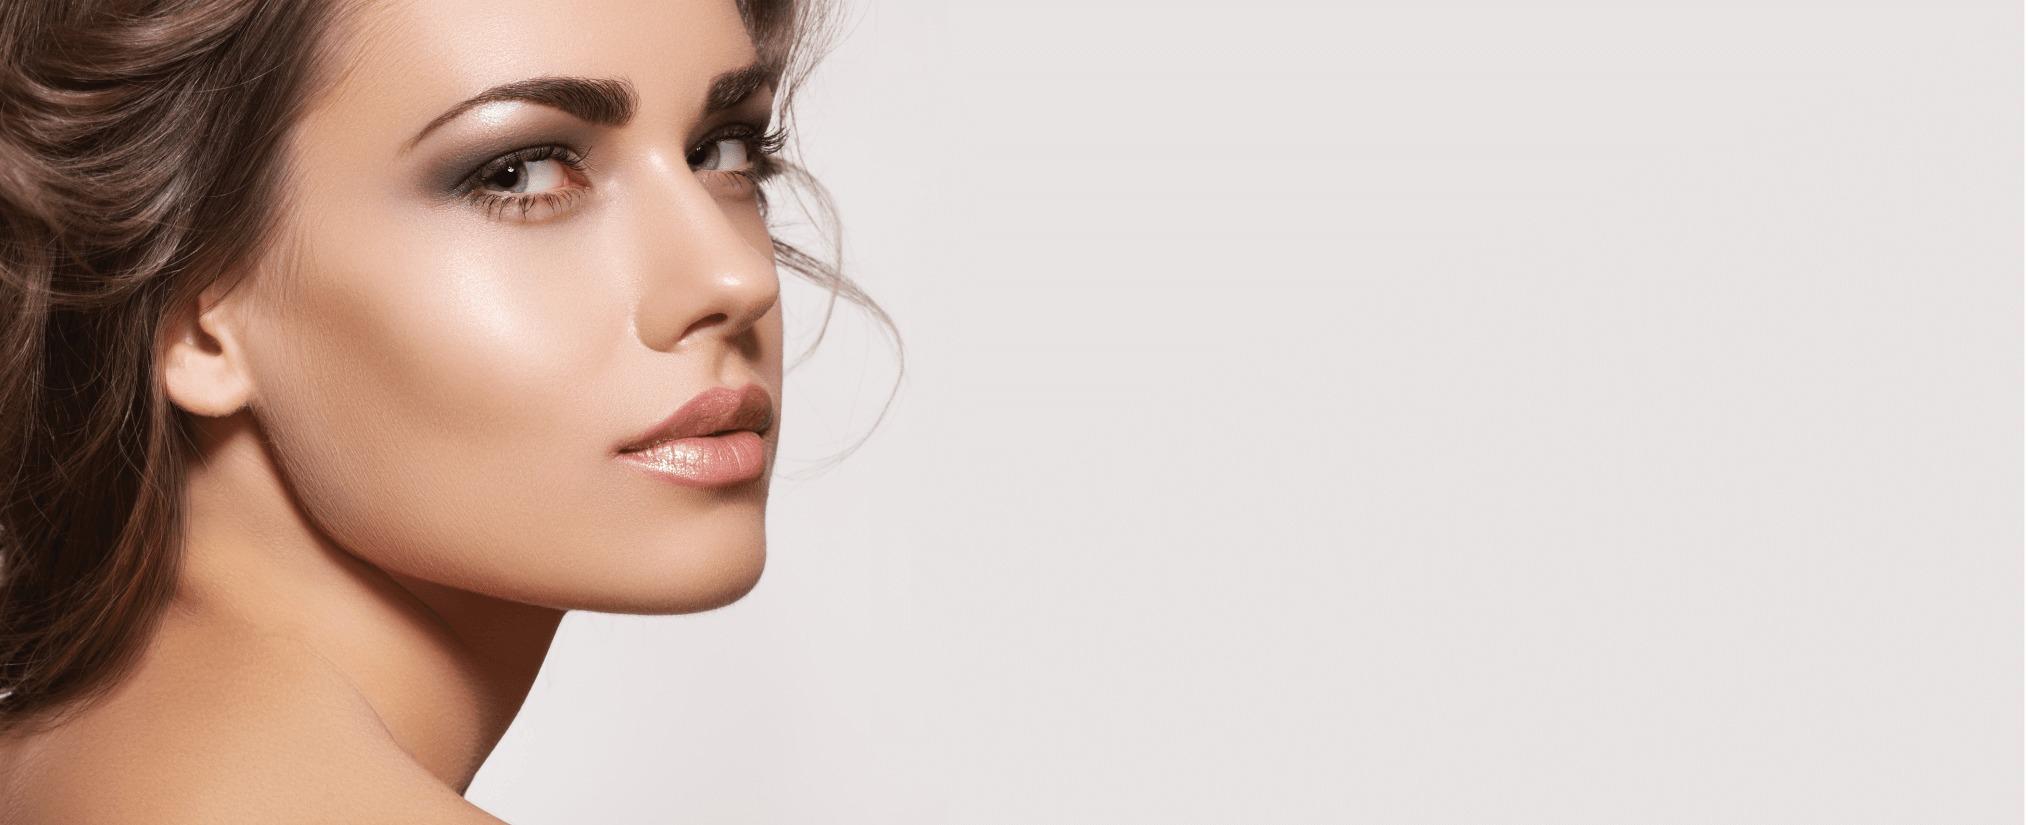 Irvine Skin | OC MedDerm (@irvineskin) Cover Image